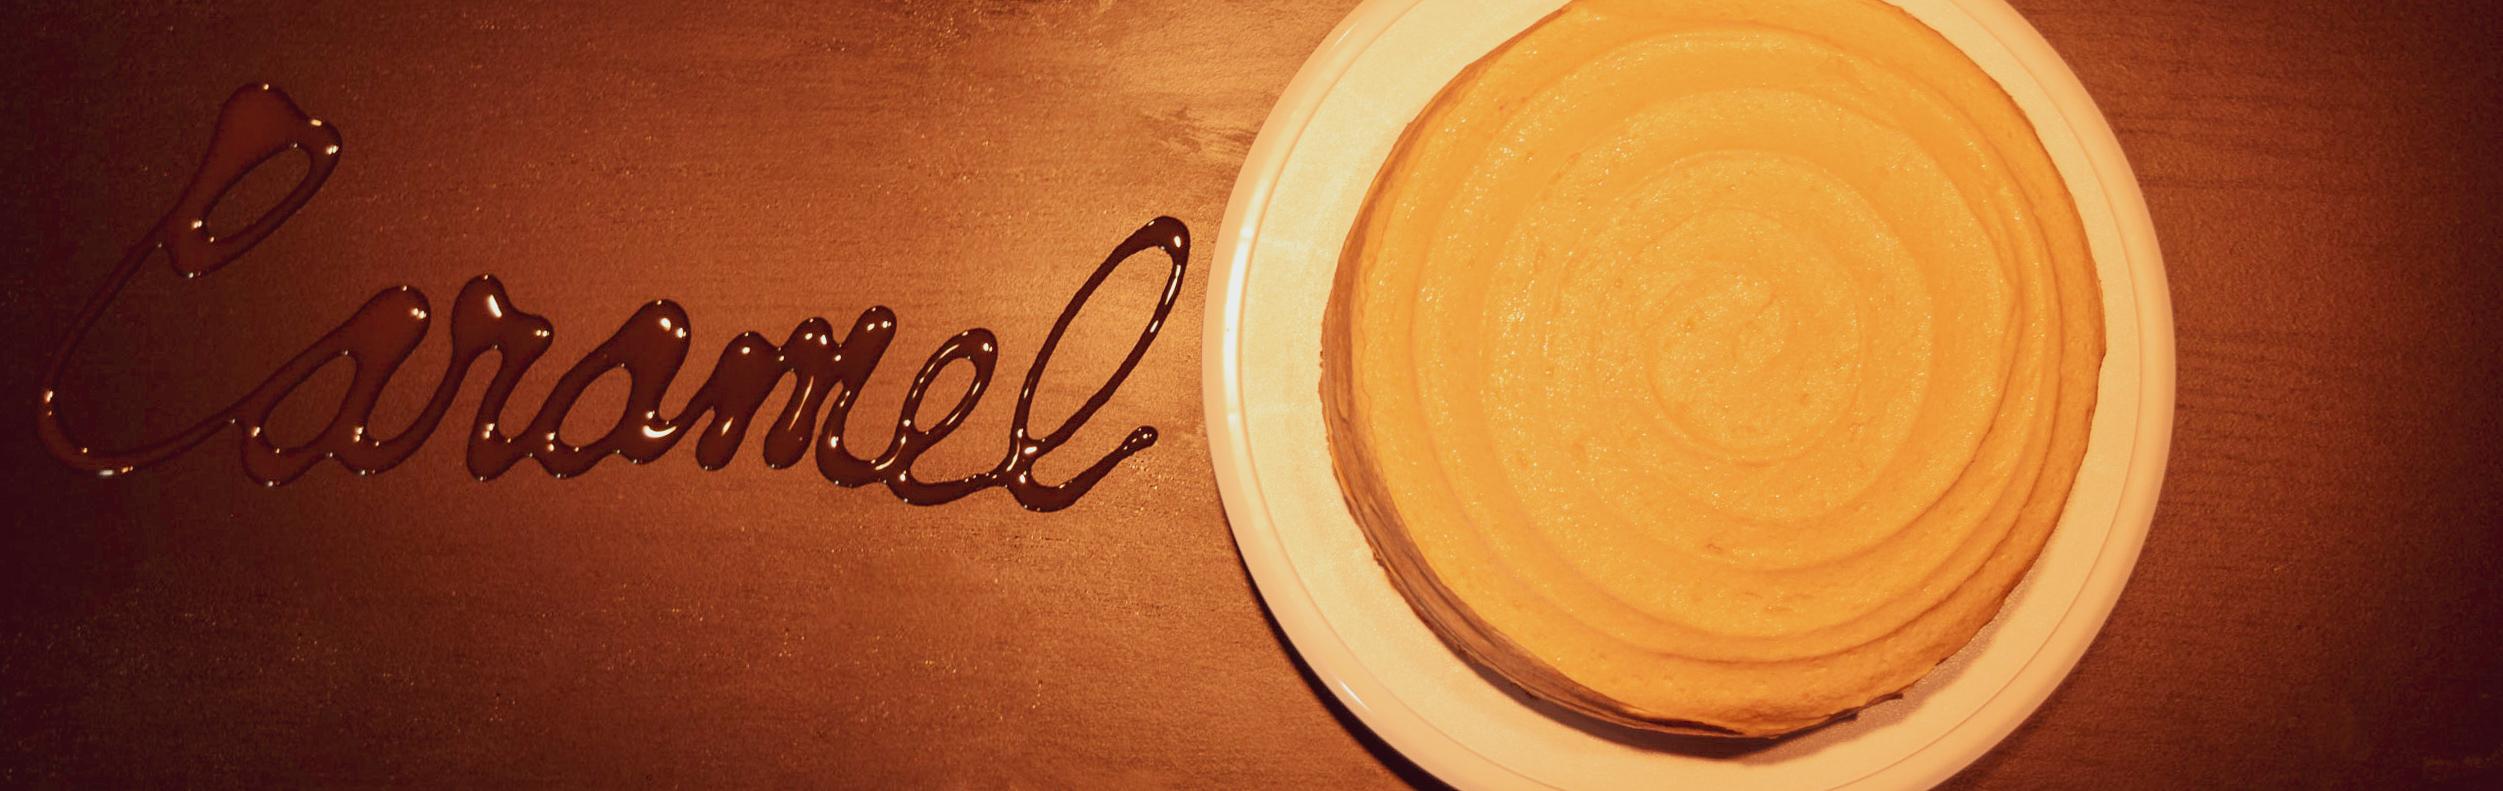 Christopher's Bakery | Dessert | Baked Good | Cake | Caramel